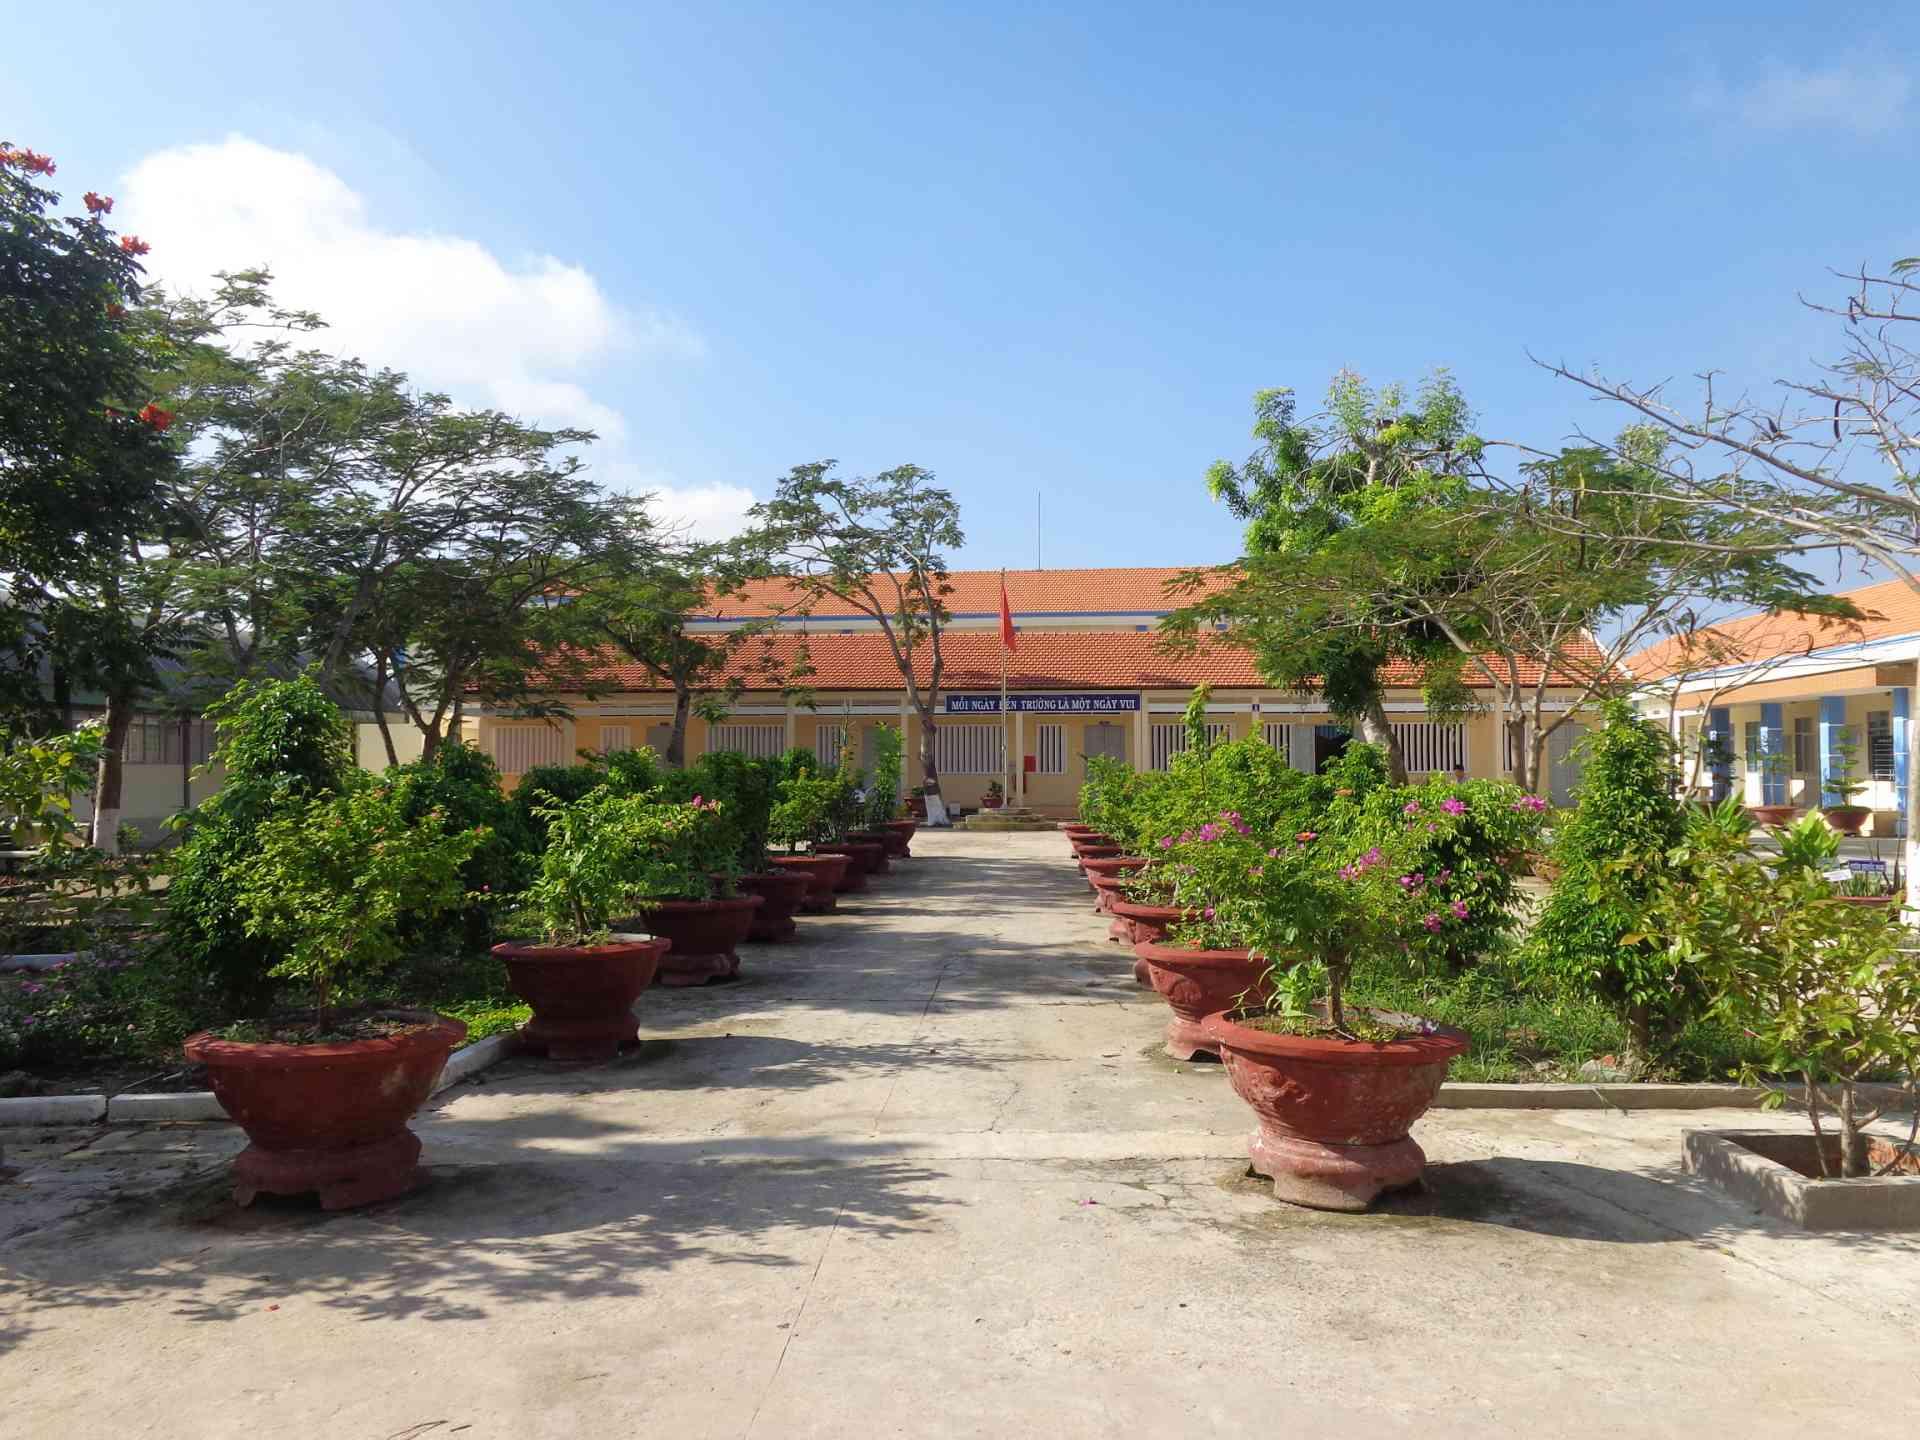 Tiểu học Thanh Vĩnh Đông